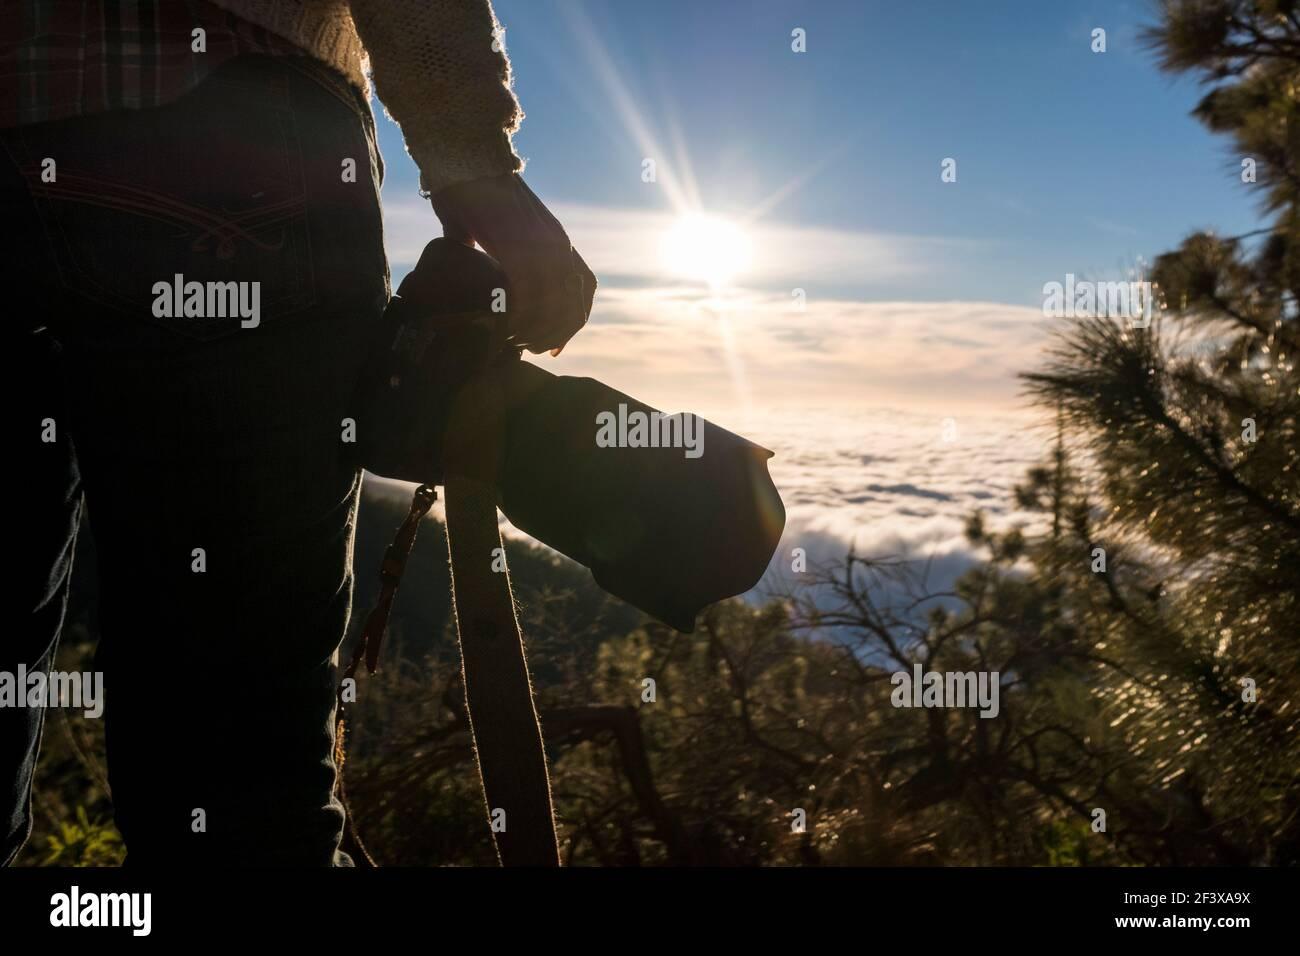 Gros plan d'une femme tenant un grand professionnel reflex numérique caméra en extérieur voyage loisirs activité style de vie - belle vallée vue et concept de mode Banque D'Images